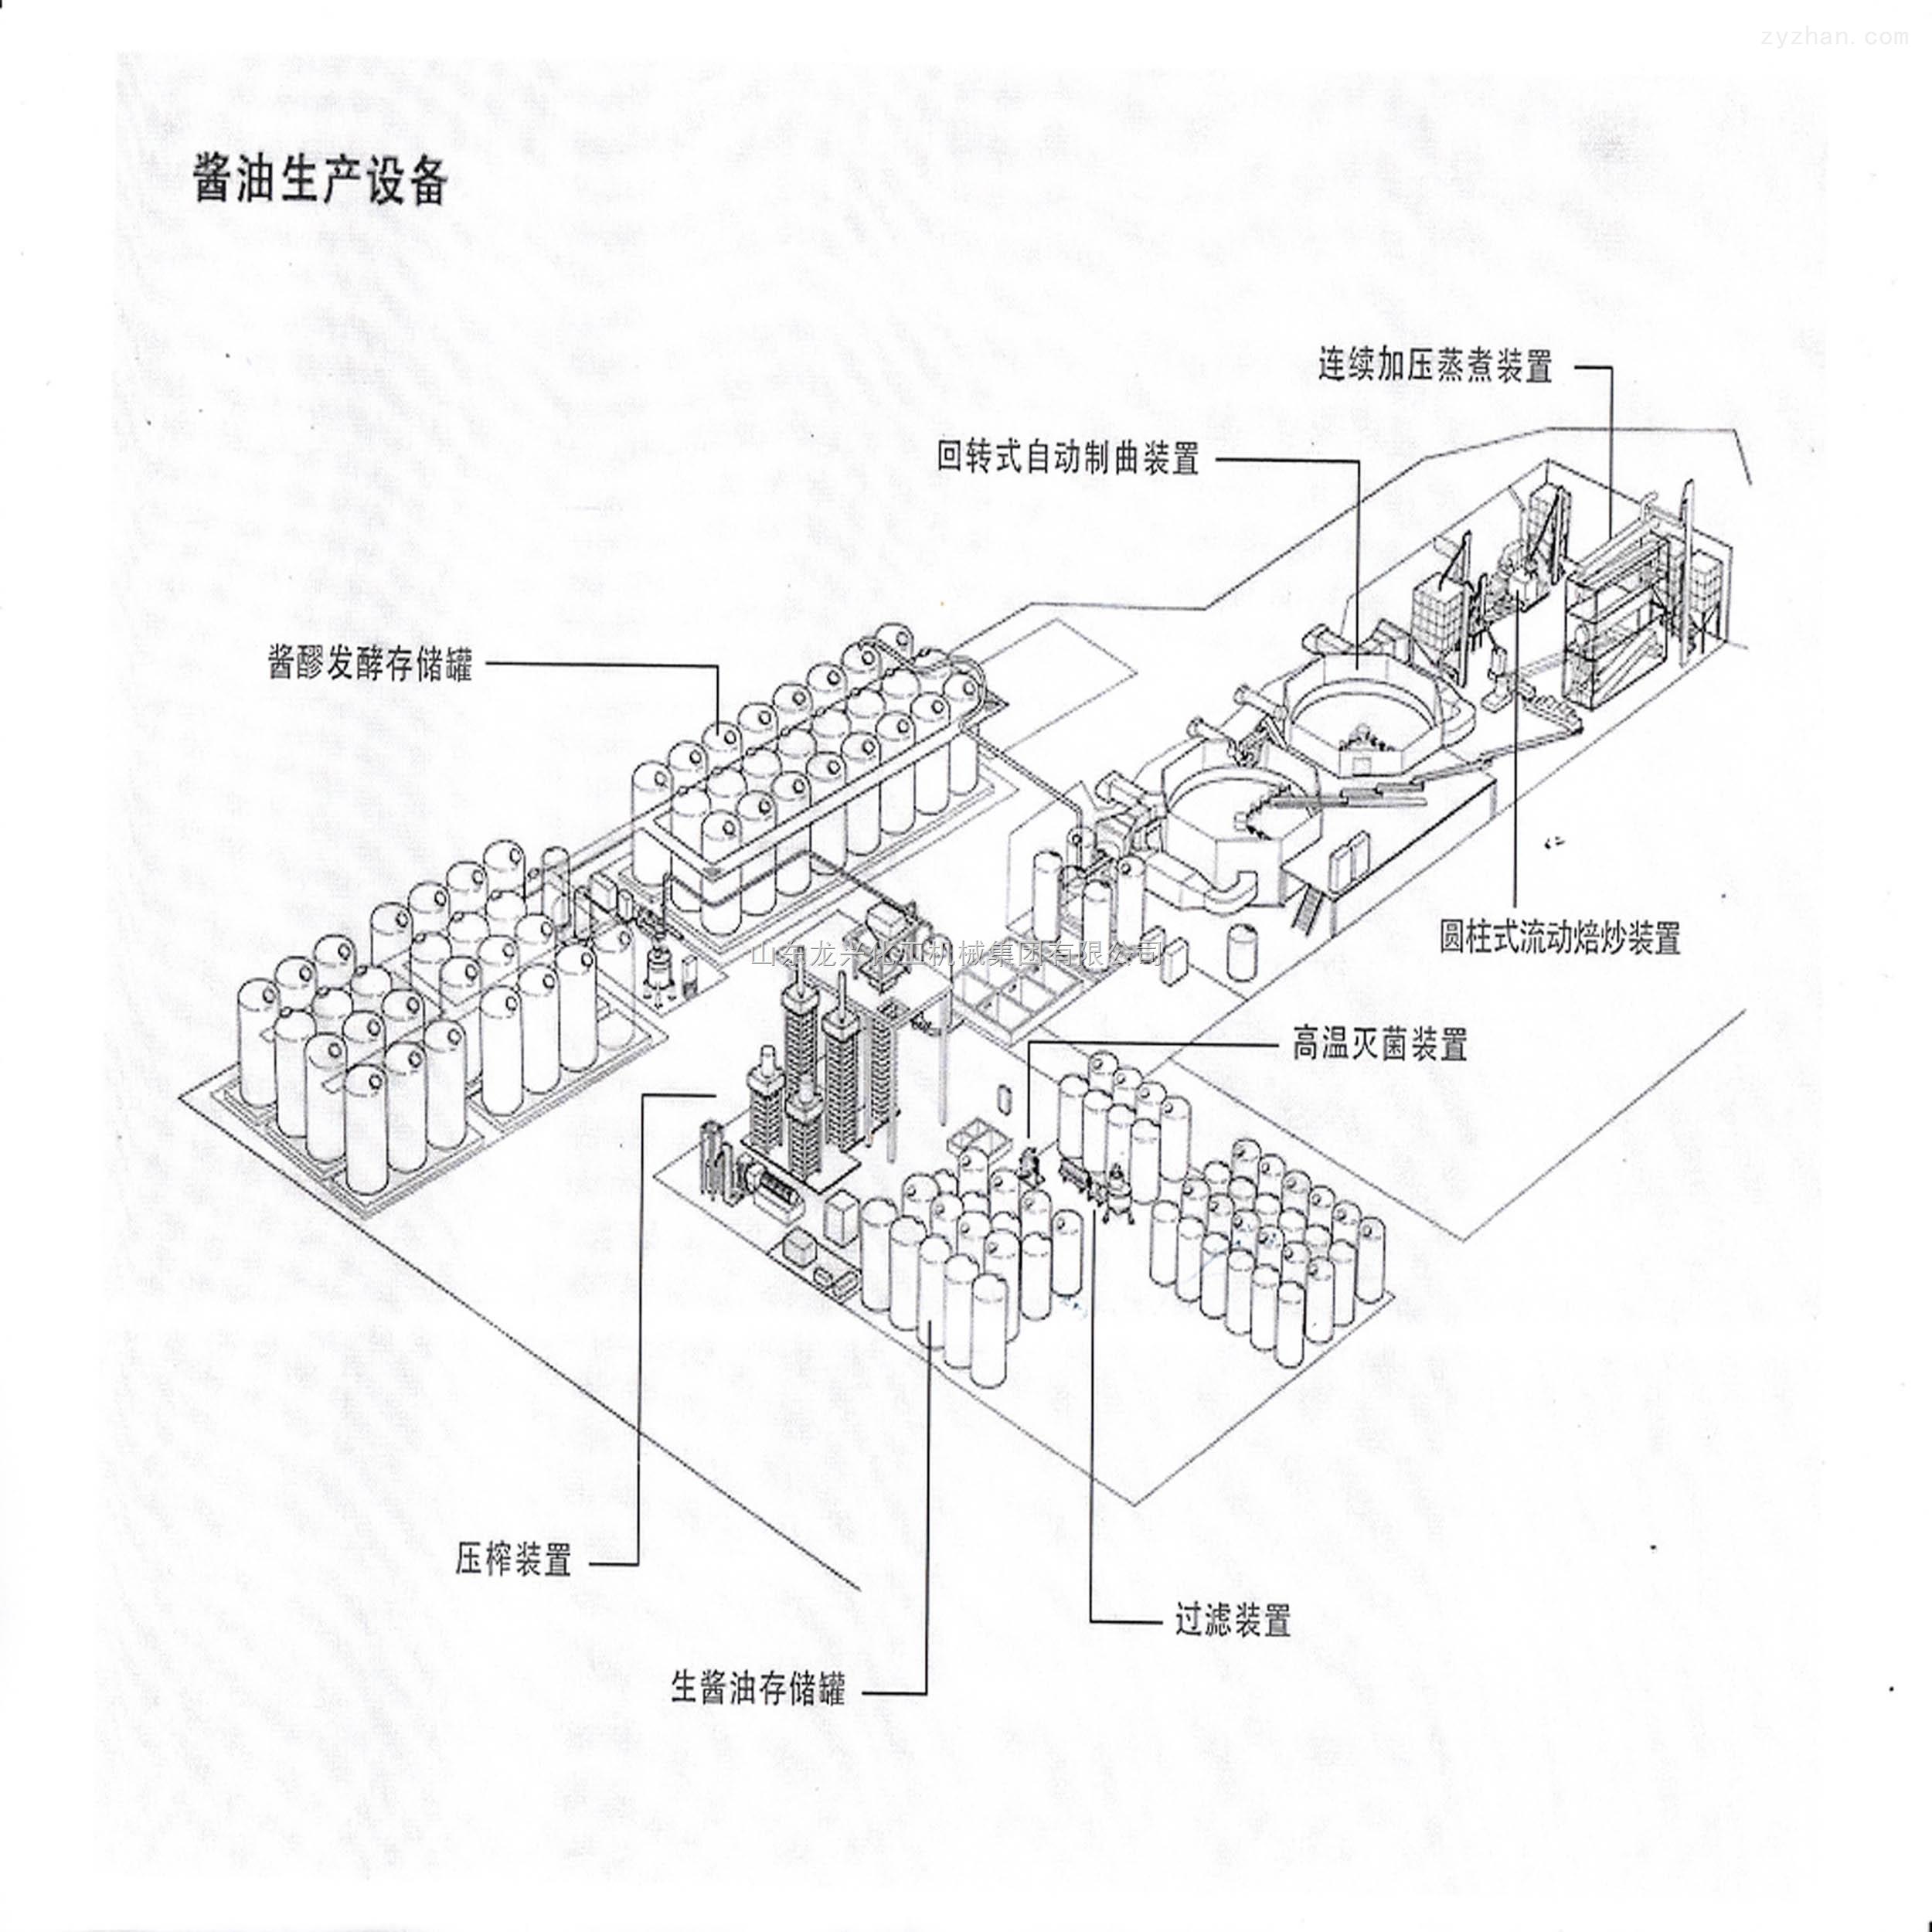 山东龙兴    酱油生产成套设备   酱油生产成套设备厂家